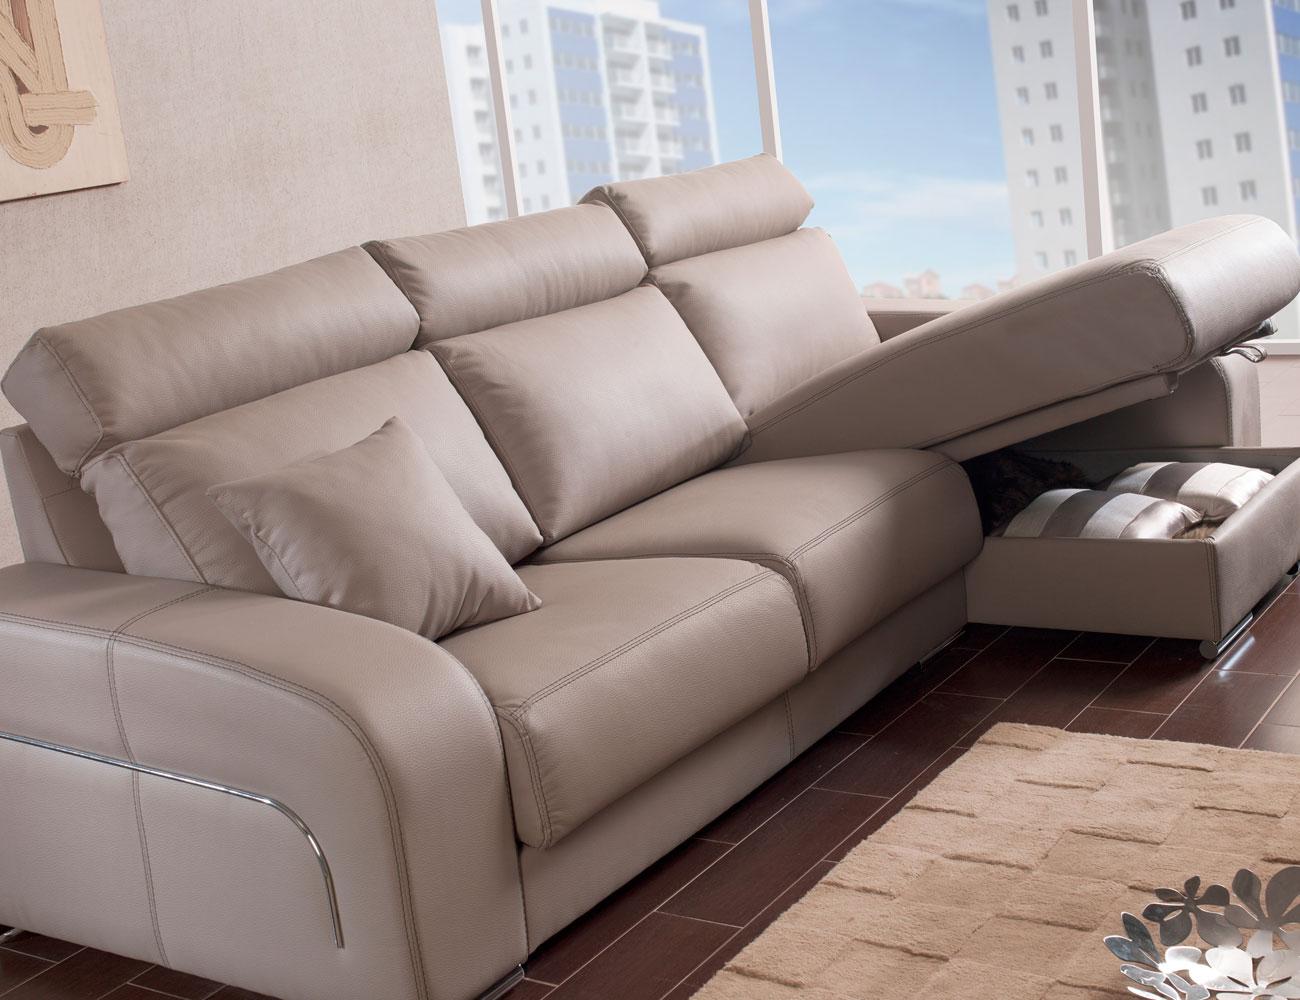 Sofa chaiselongue moderno pared cero arcon82